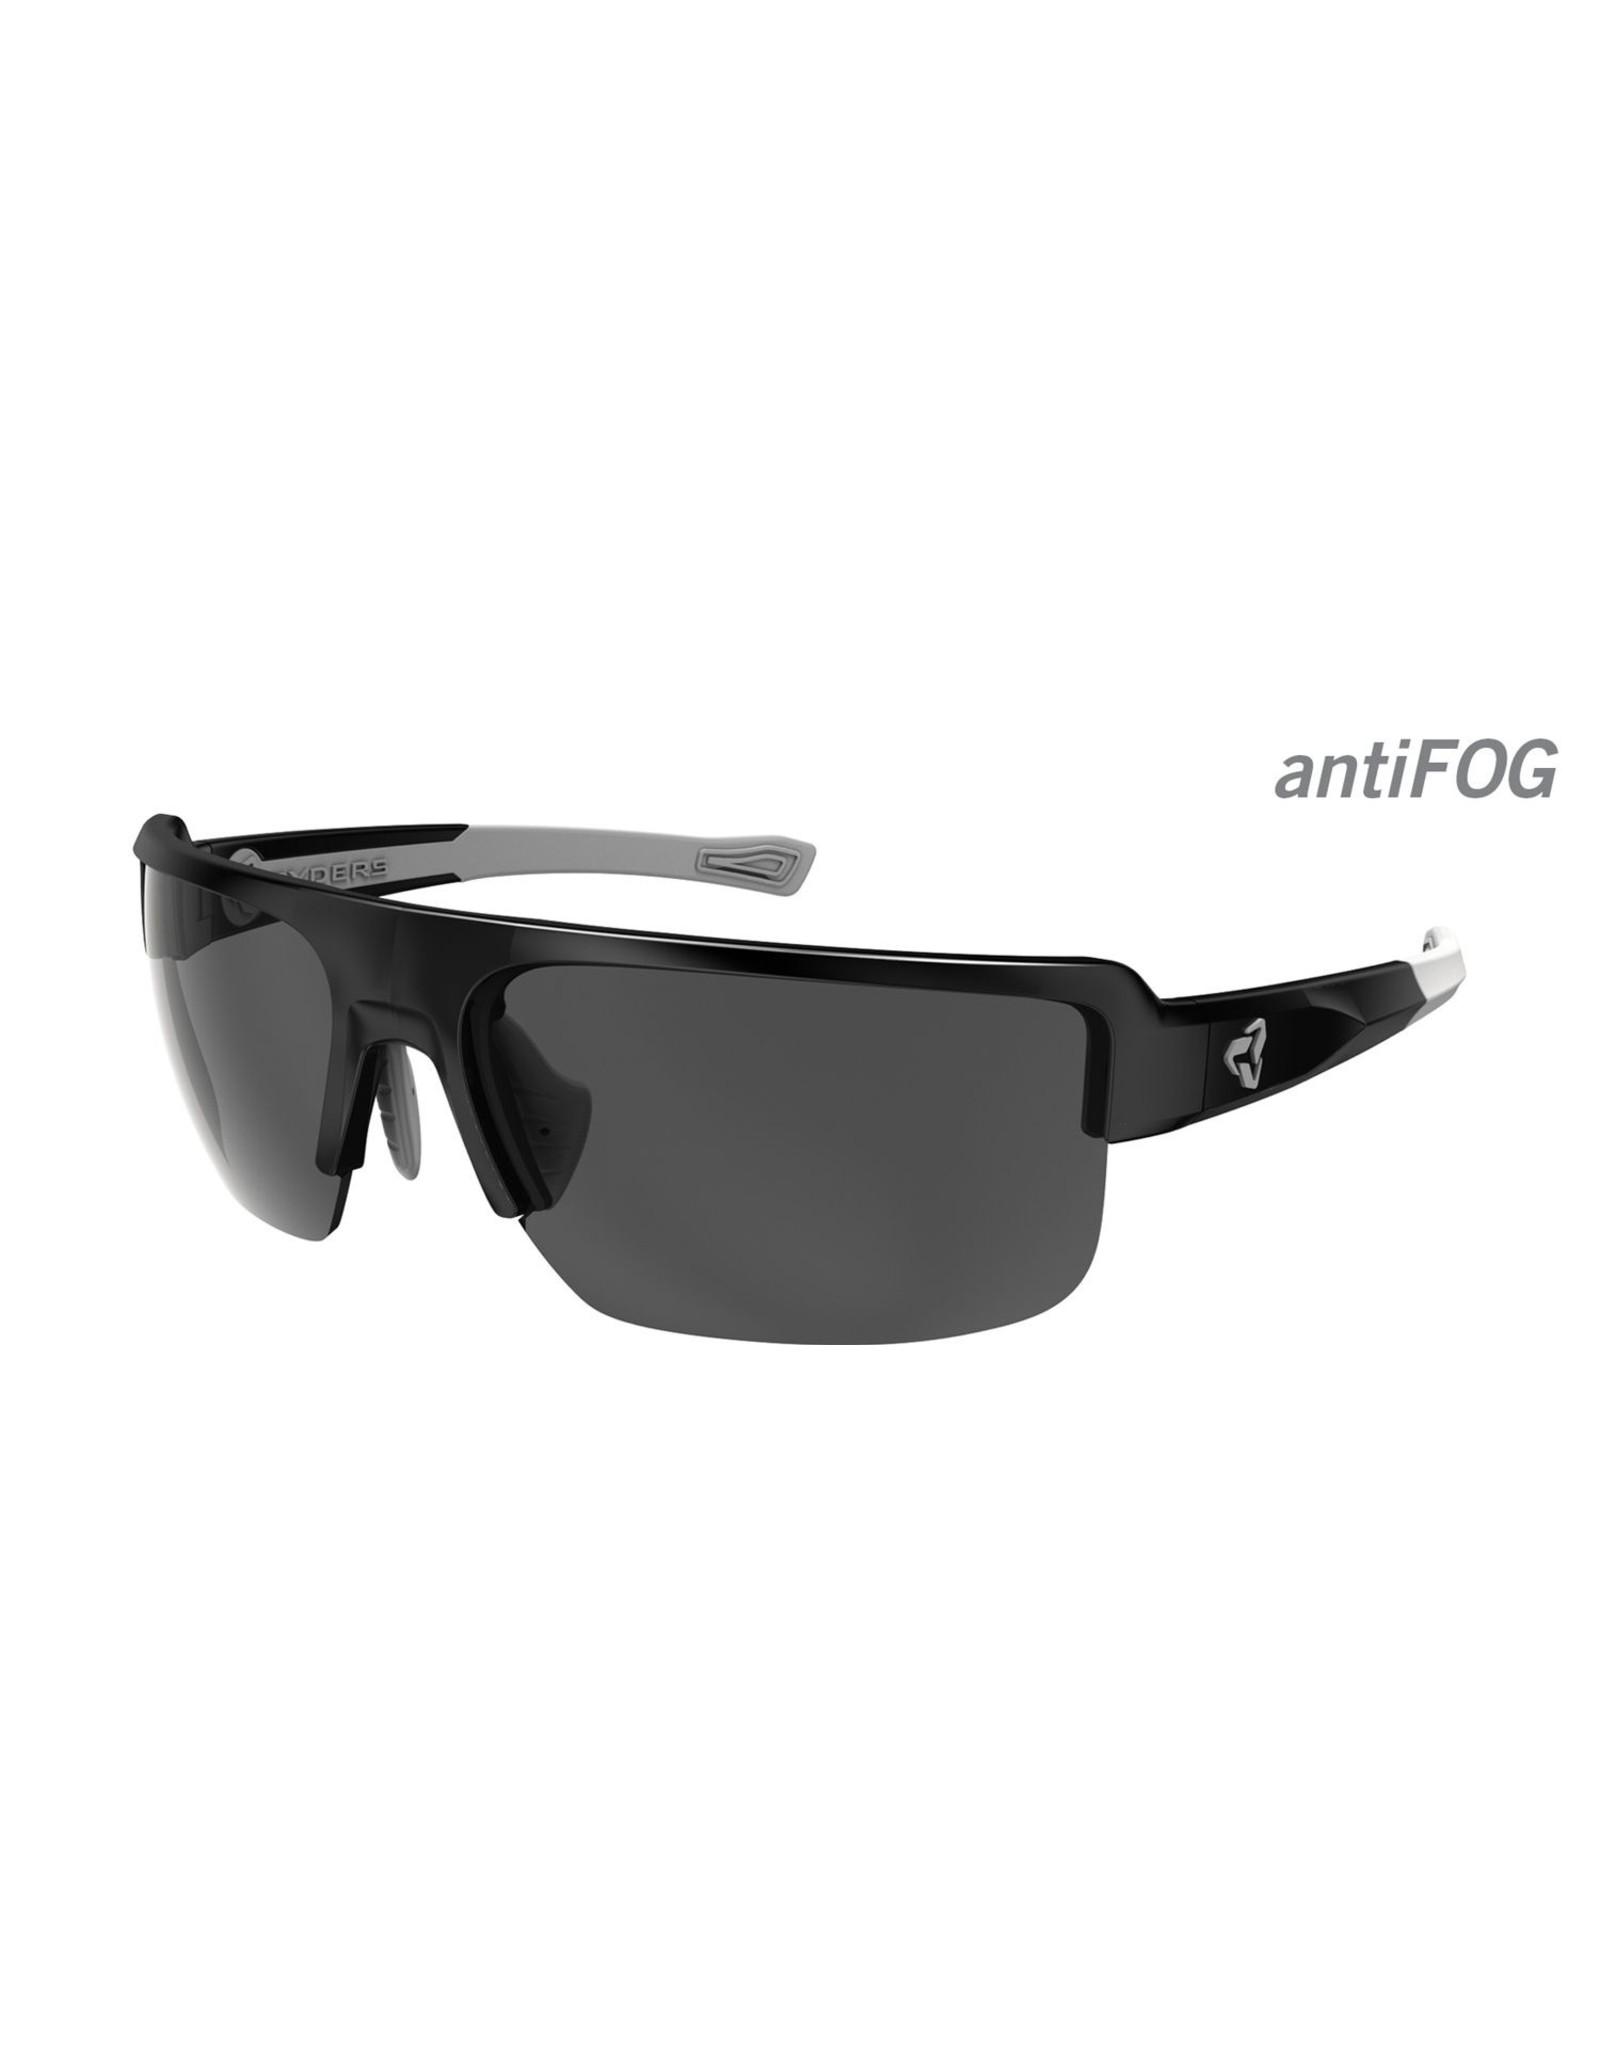 Ryders Eyewear - Seventh Poly Black-Grey/Grey Lens Anti Fog